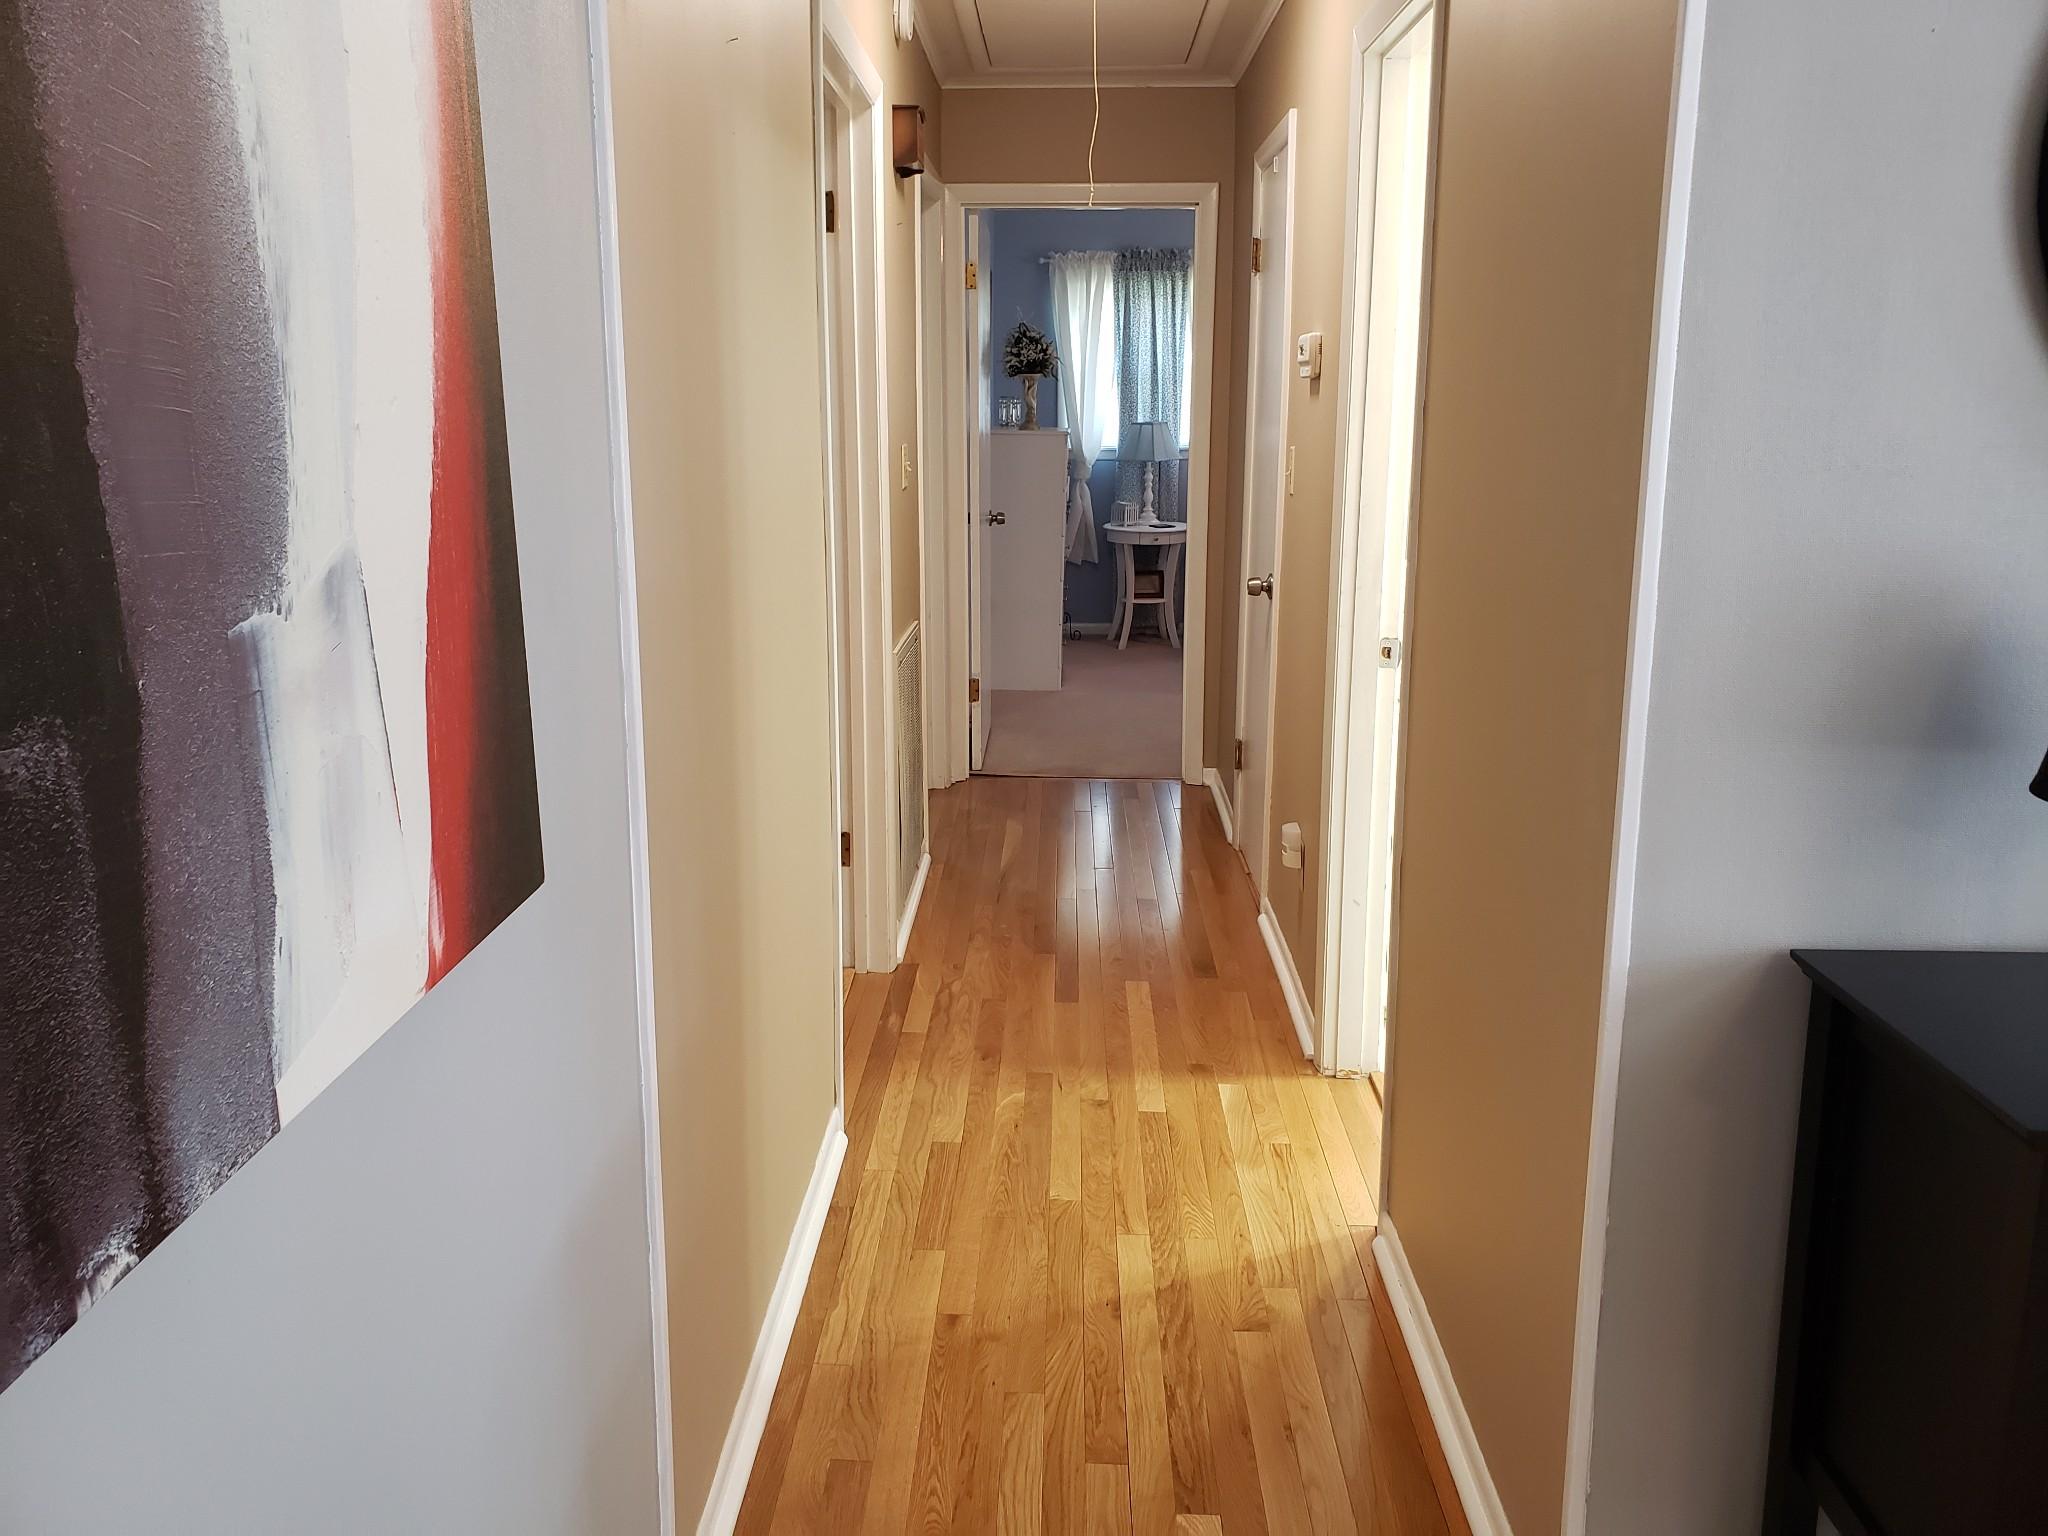 505 Kindel Dr Property Photo 7